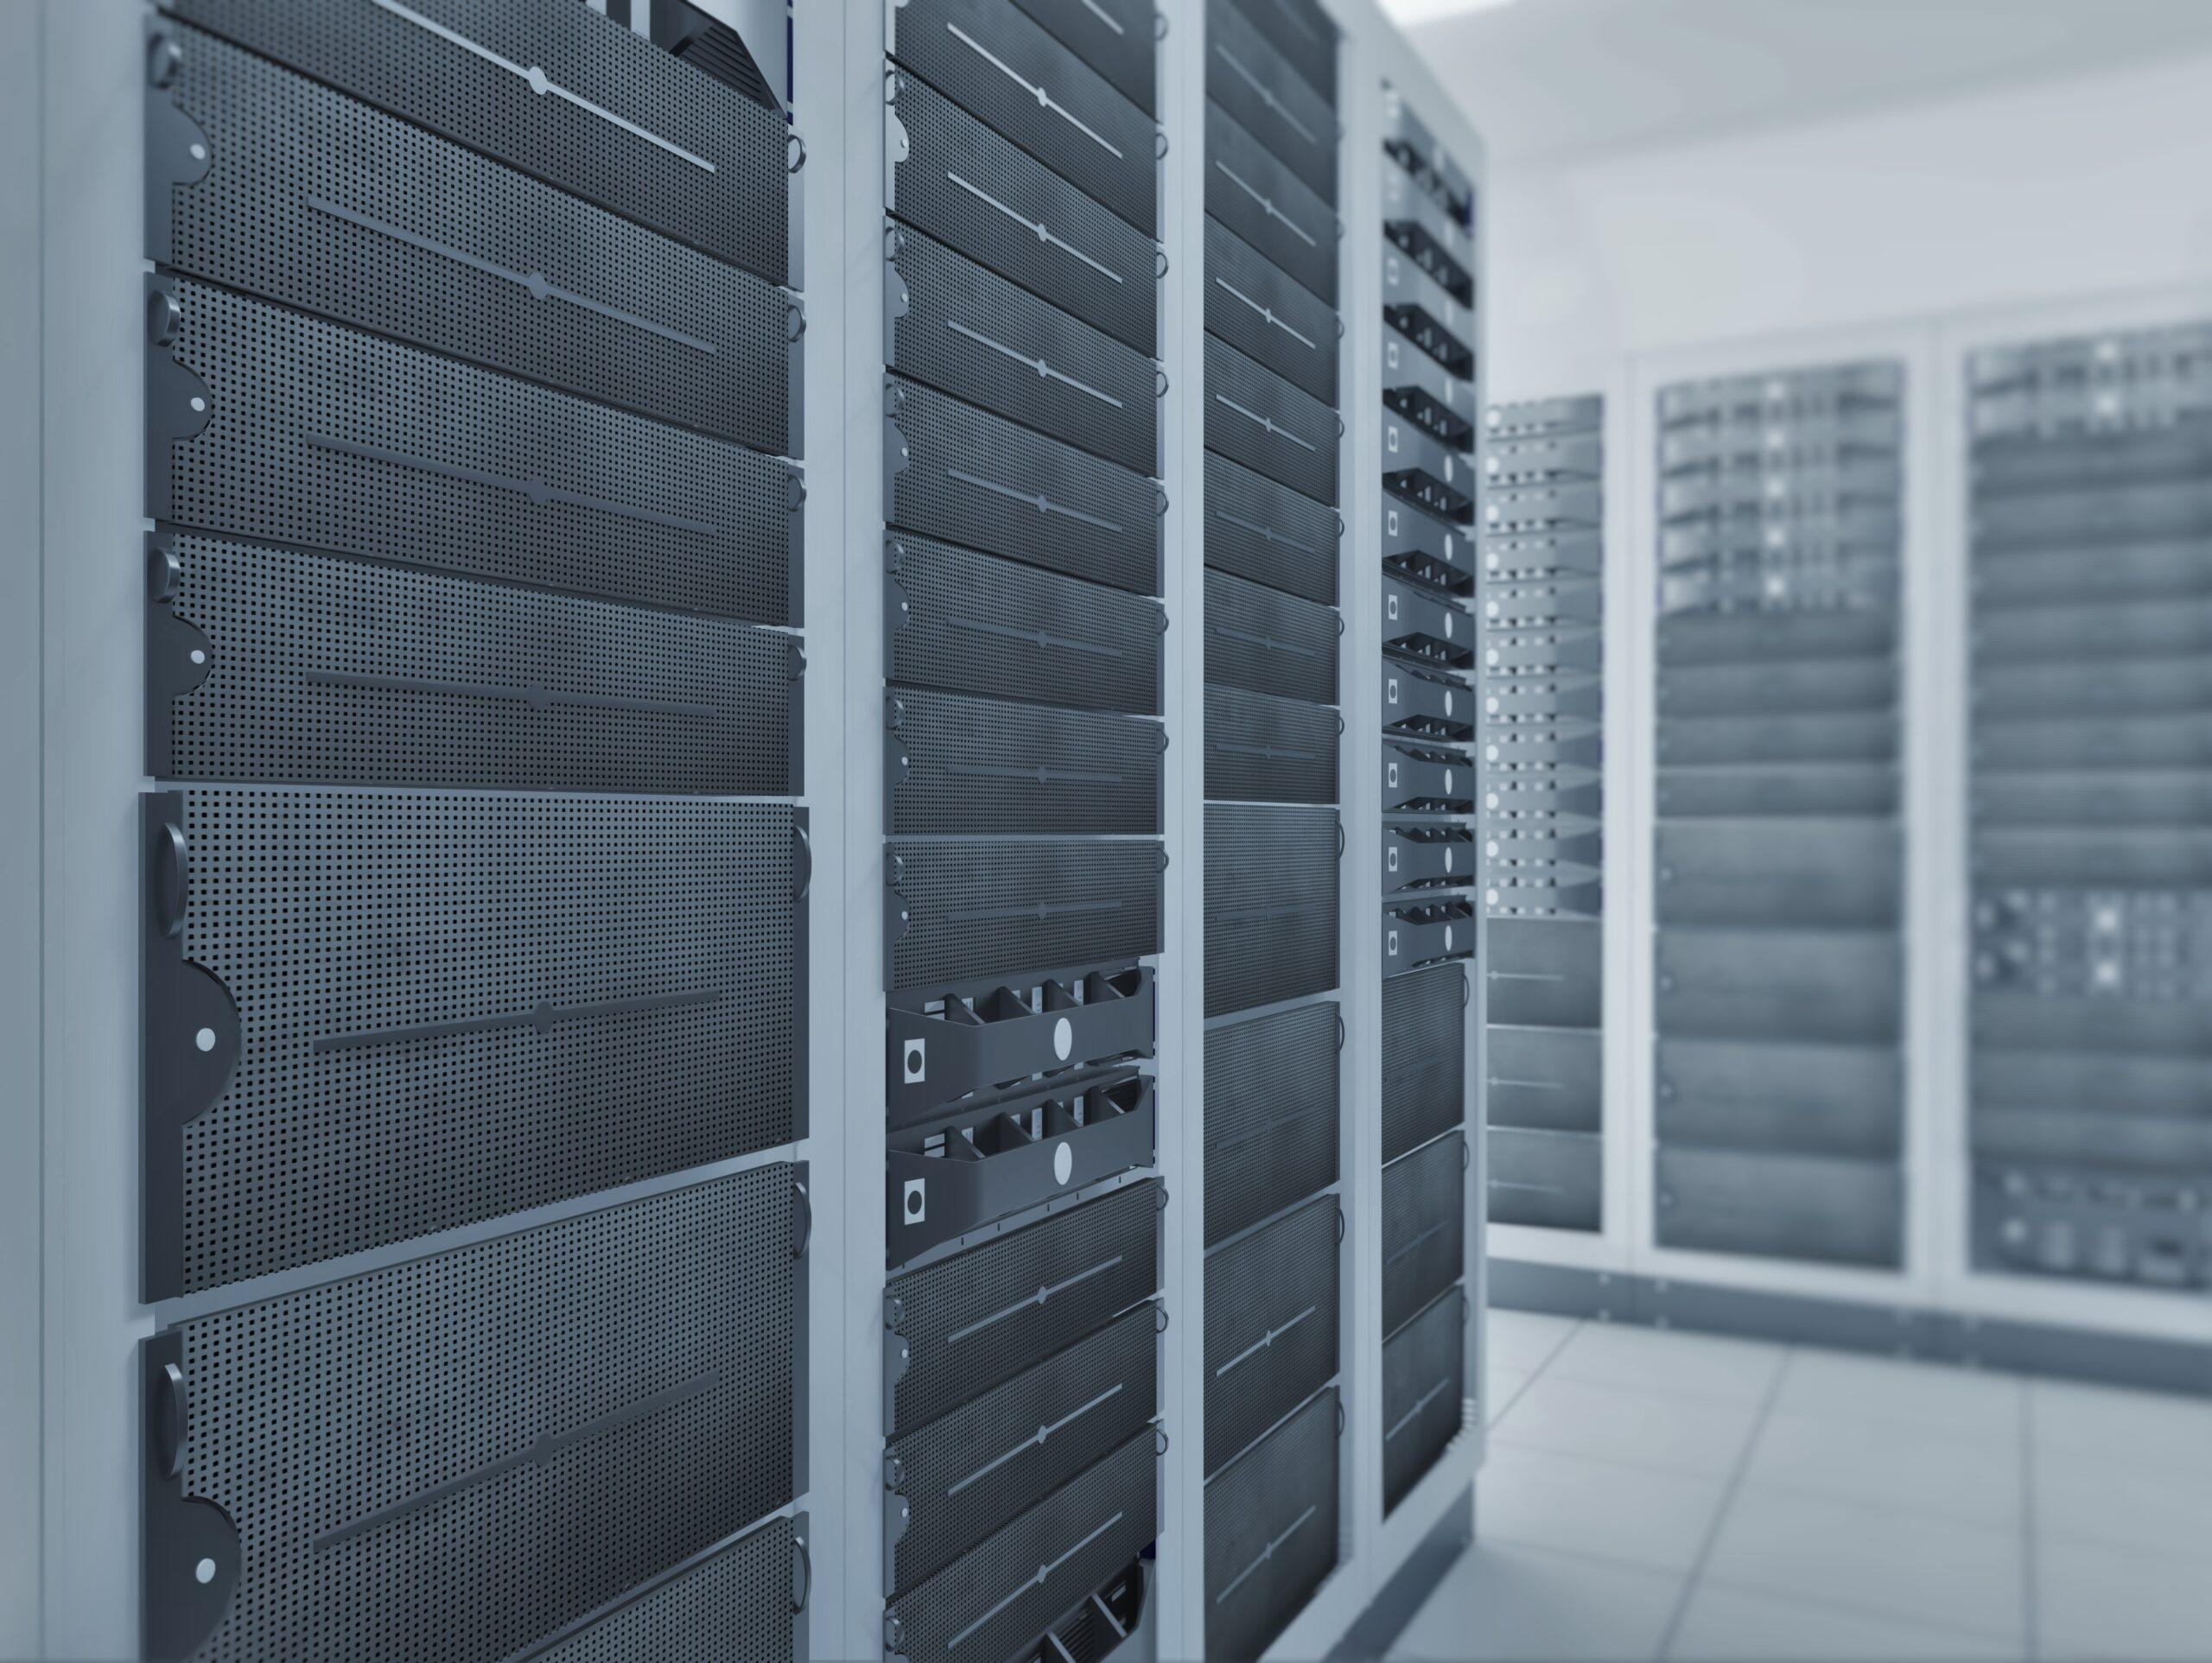 5 estrategias para asegurar correctamente los datos y la infraestructura de su empresa